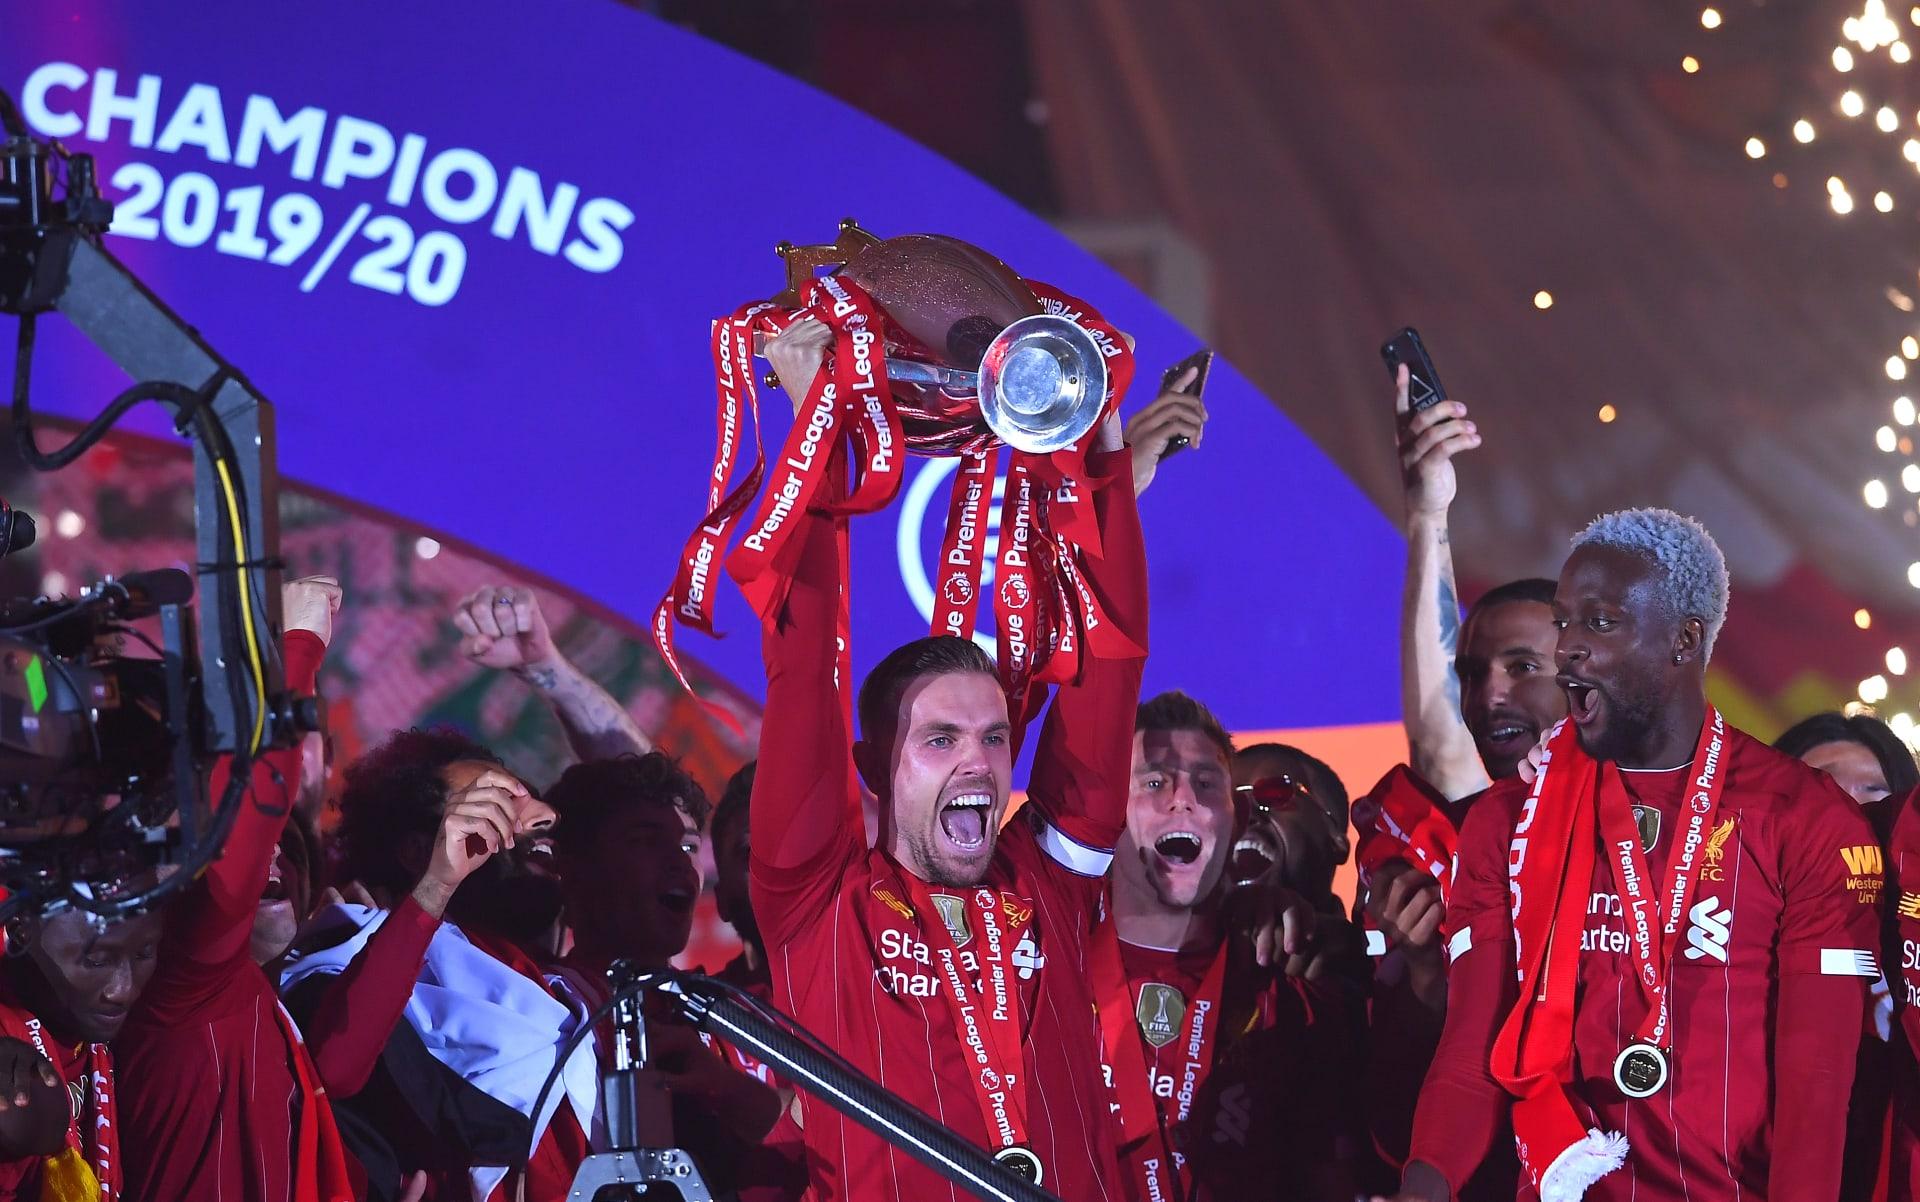 لأول مرة.. قائد ليفربول يرفع لقب الدوري الإنجليزي الممتاز في ليلة تاريخية